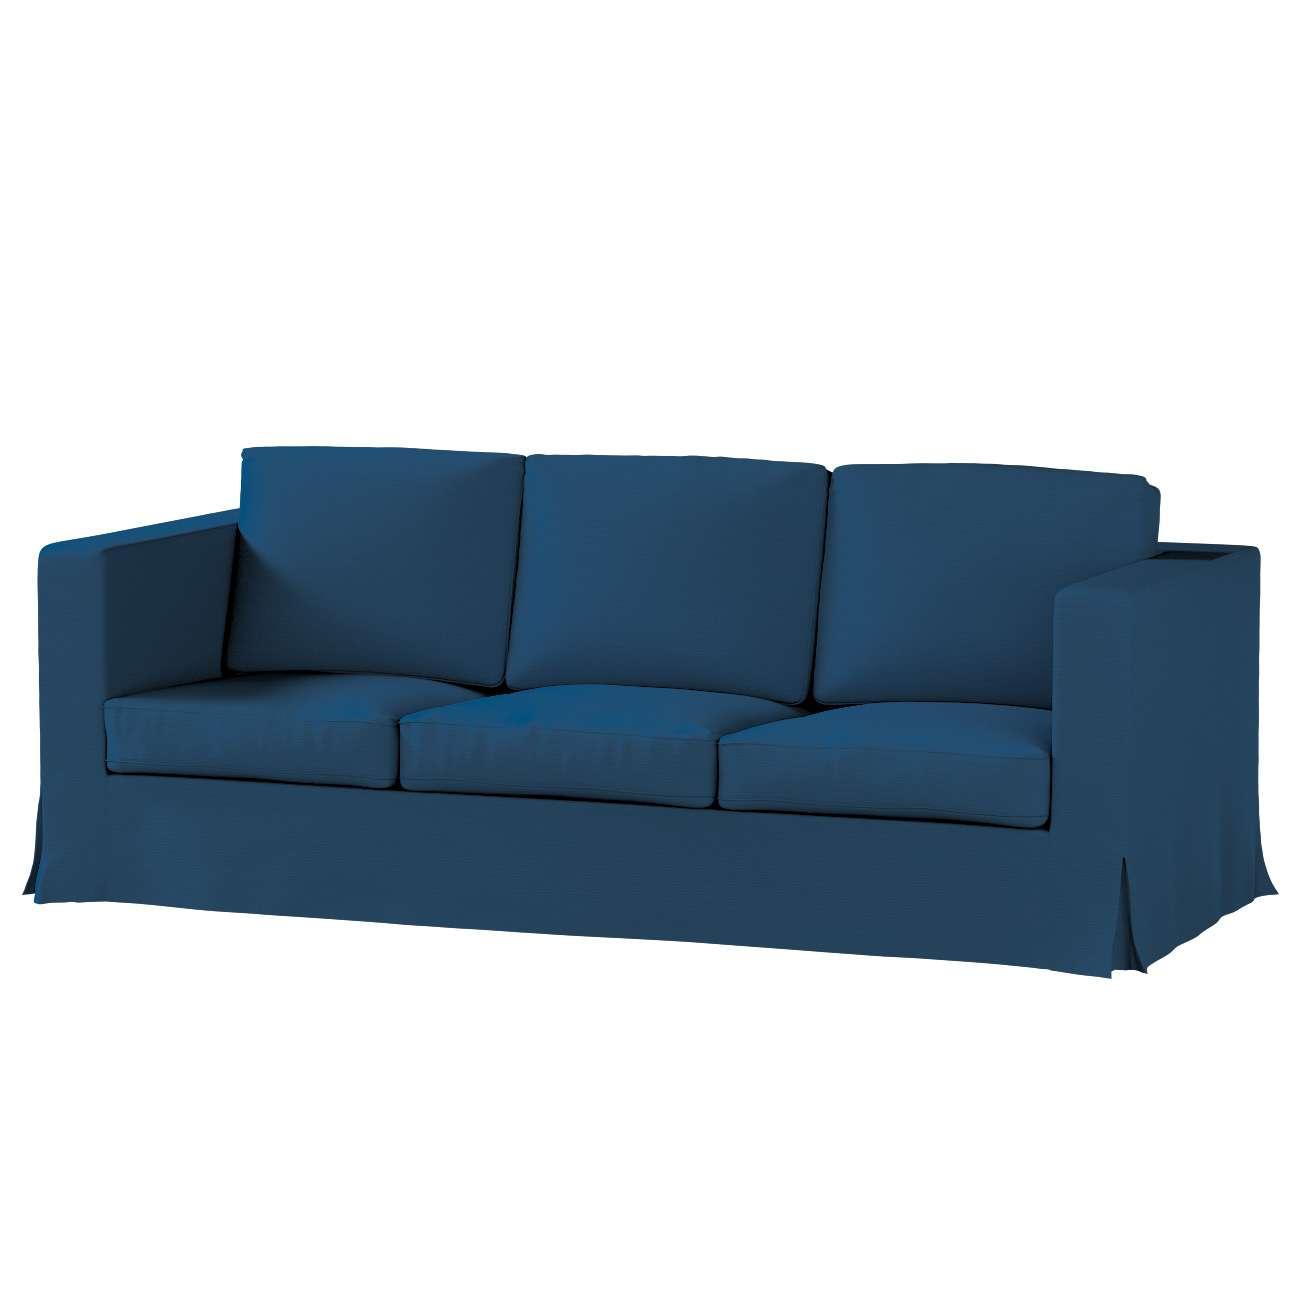 IKEA zitbankhoes overtrek voor Karlanda 3 zitsbank, lang